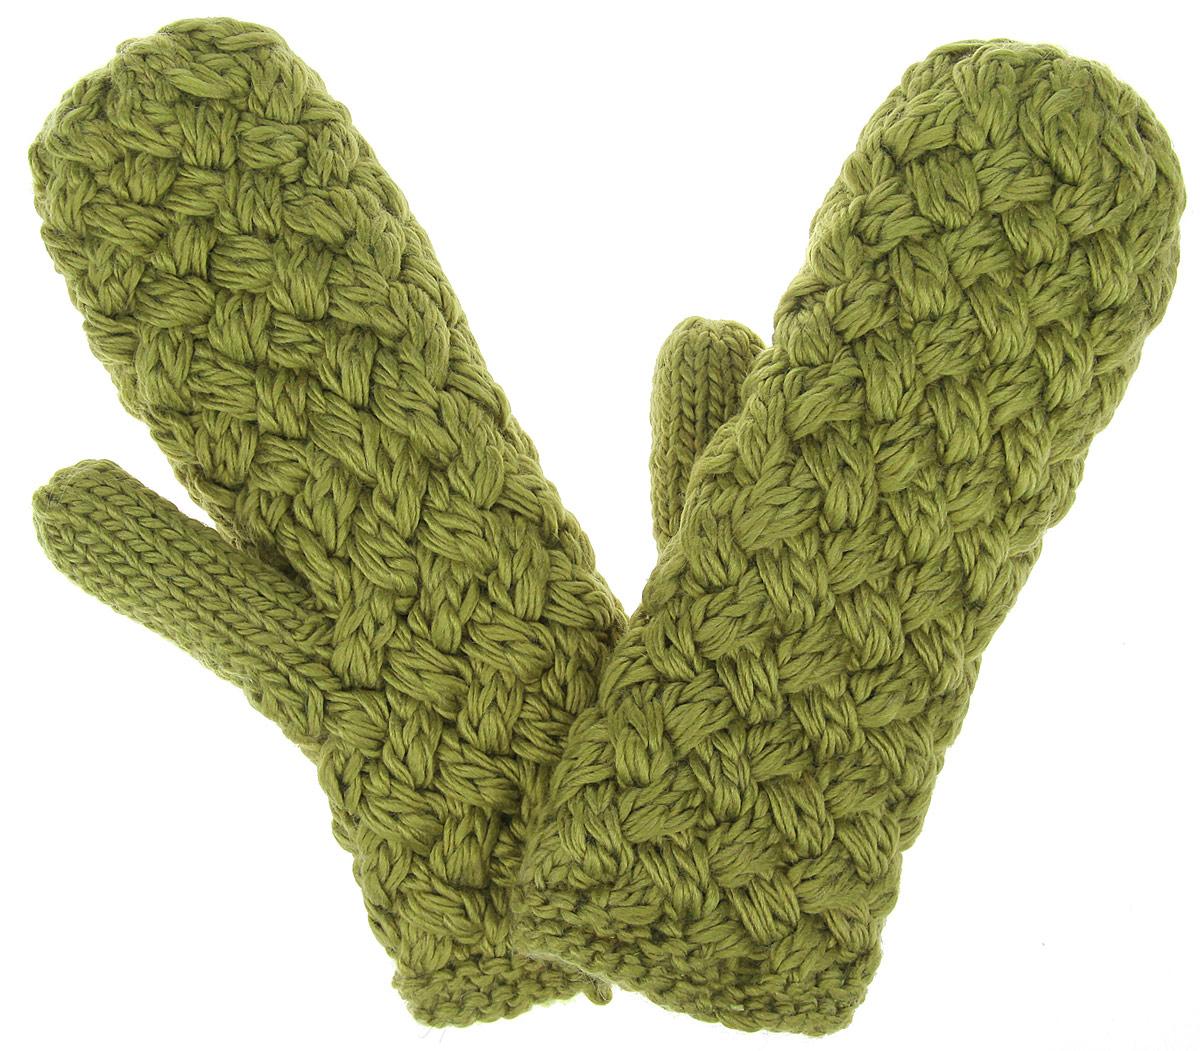 Варежки R.Mountain, цвет: зеленый. 8185. Размер 6/98185Теплые вязаные варежки R.Mountain - идеальный аксессуар для зимних холодов, внутри имеют мягчайшую плюшевую подкладку, для вашего комфорта и удобной носки. Мягкий цвет, а также крупная вязка придает образу неотразимый вид, а приятный на ощупь шерстяной материал дарит ощущение тепла и комфорта. Одна из варежек оформлена не большим деревянным элементом в виде логотипа бренда. Сочетать этот аксессуар можно с любыми цветами гардероба.